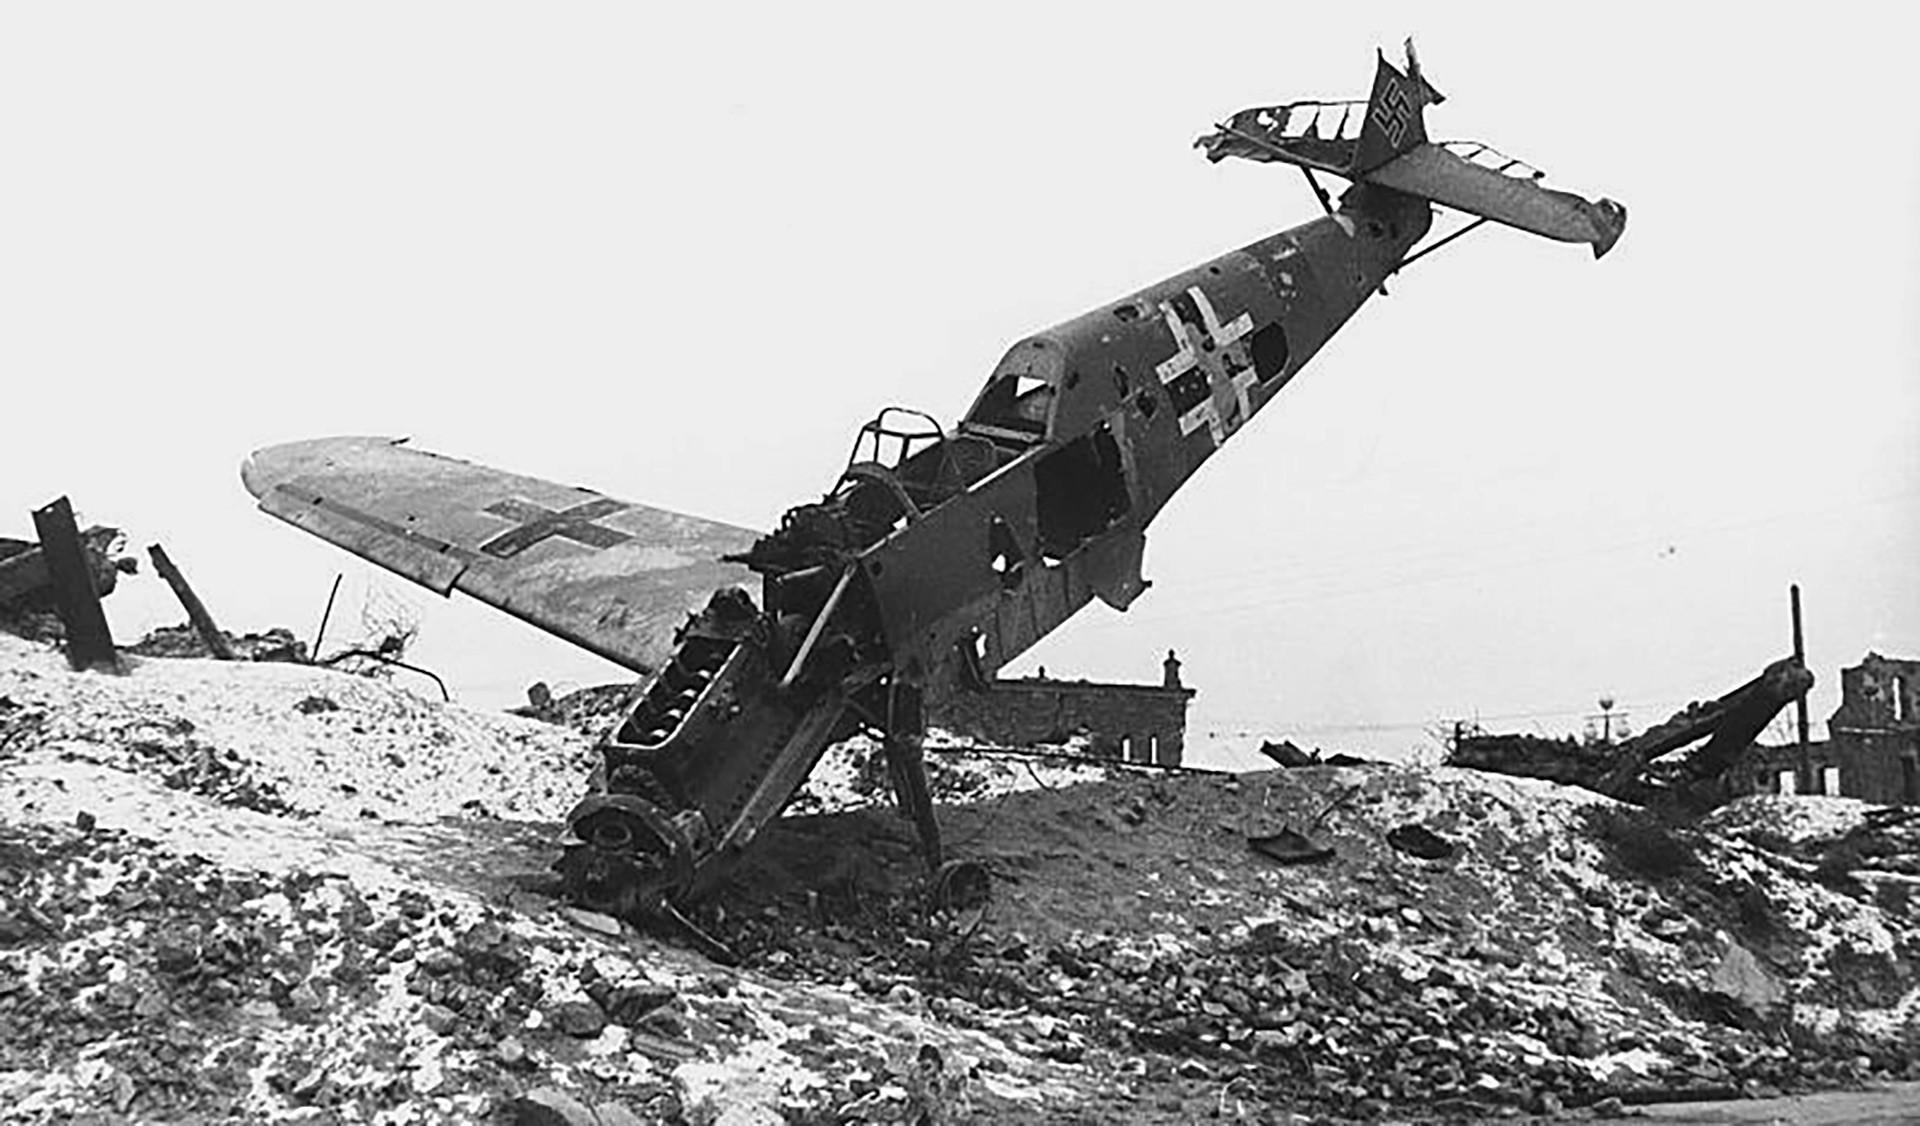 Akibat perlawanan Soviet, Jerman kehilangan banyak perangkat militer.